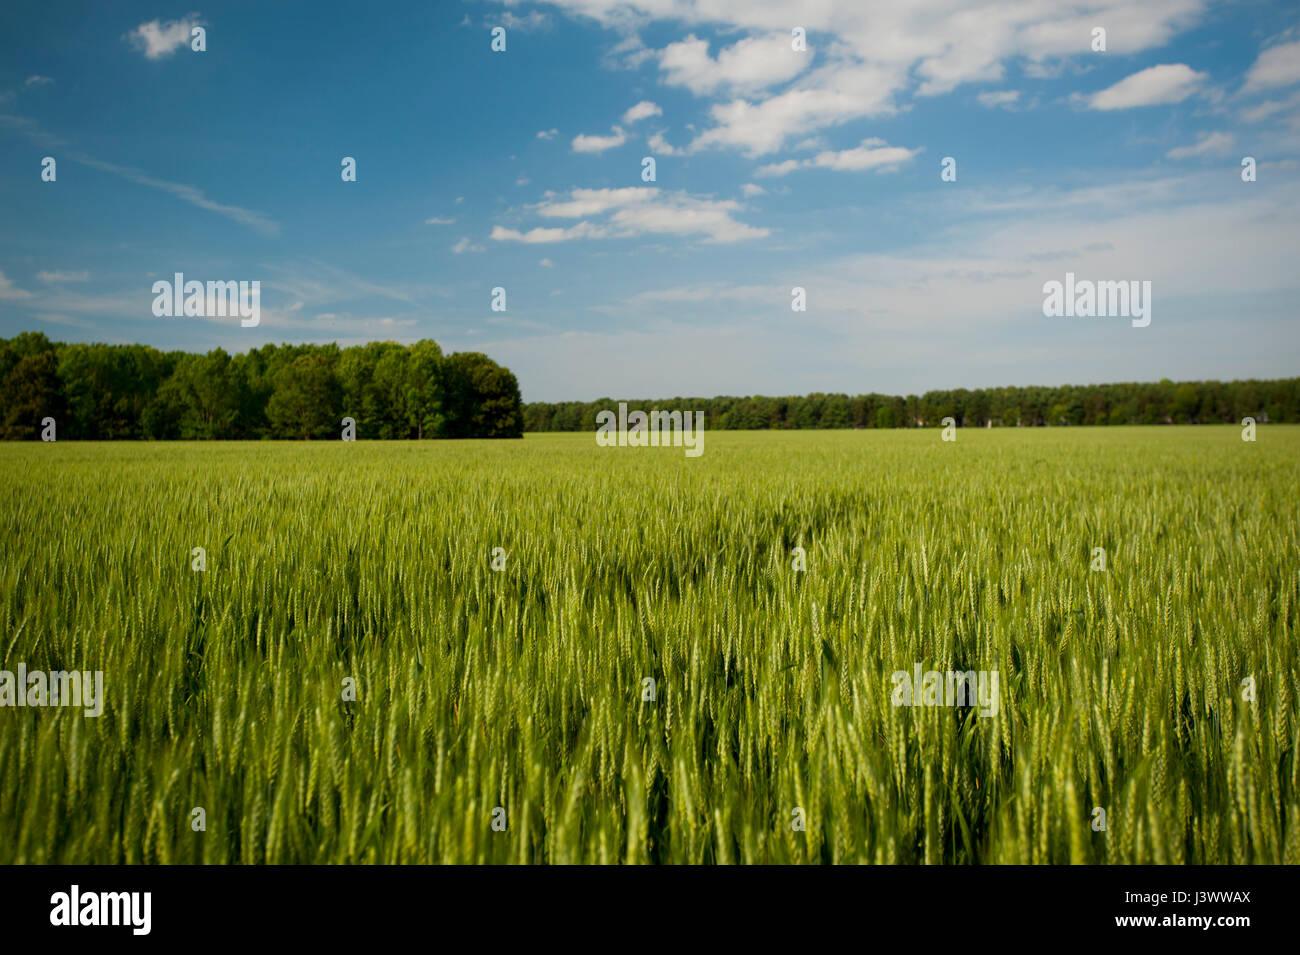 USA Virginia VA Wheat field near Jamestown - Stock Image